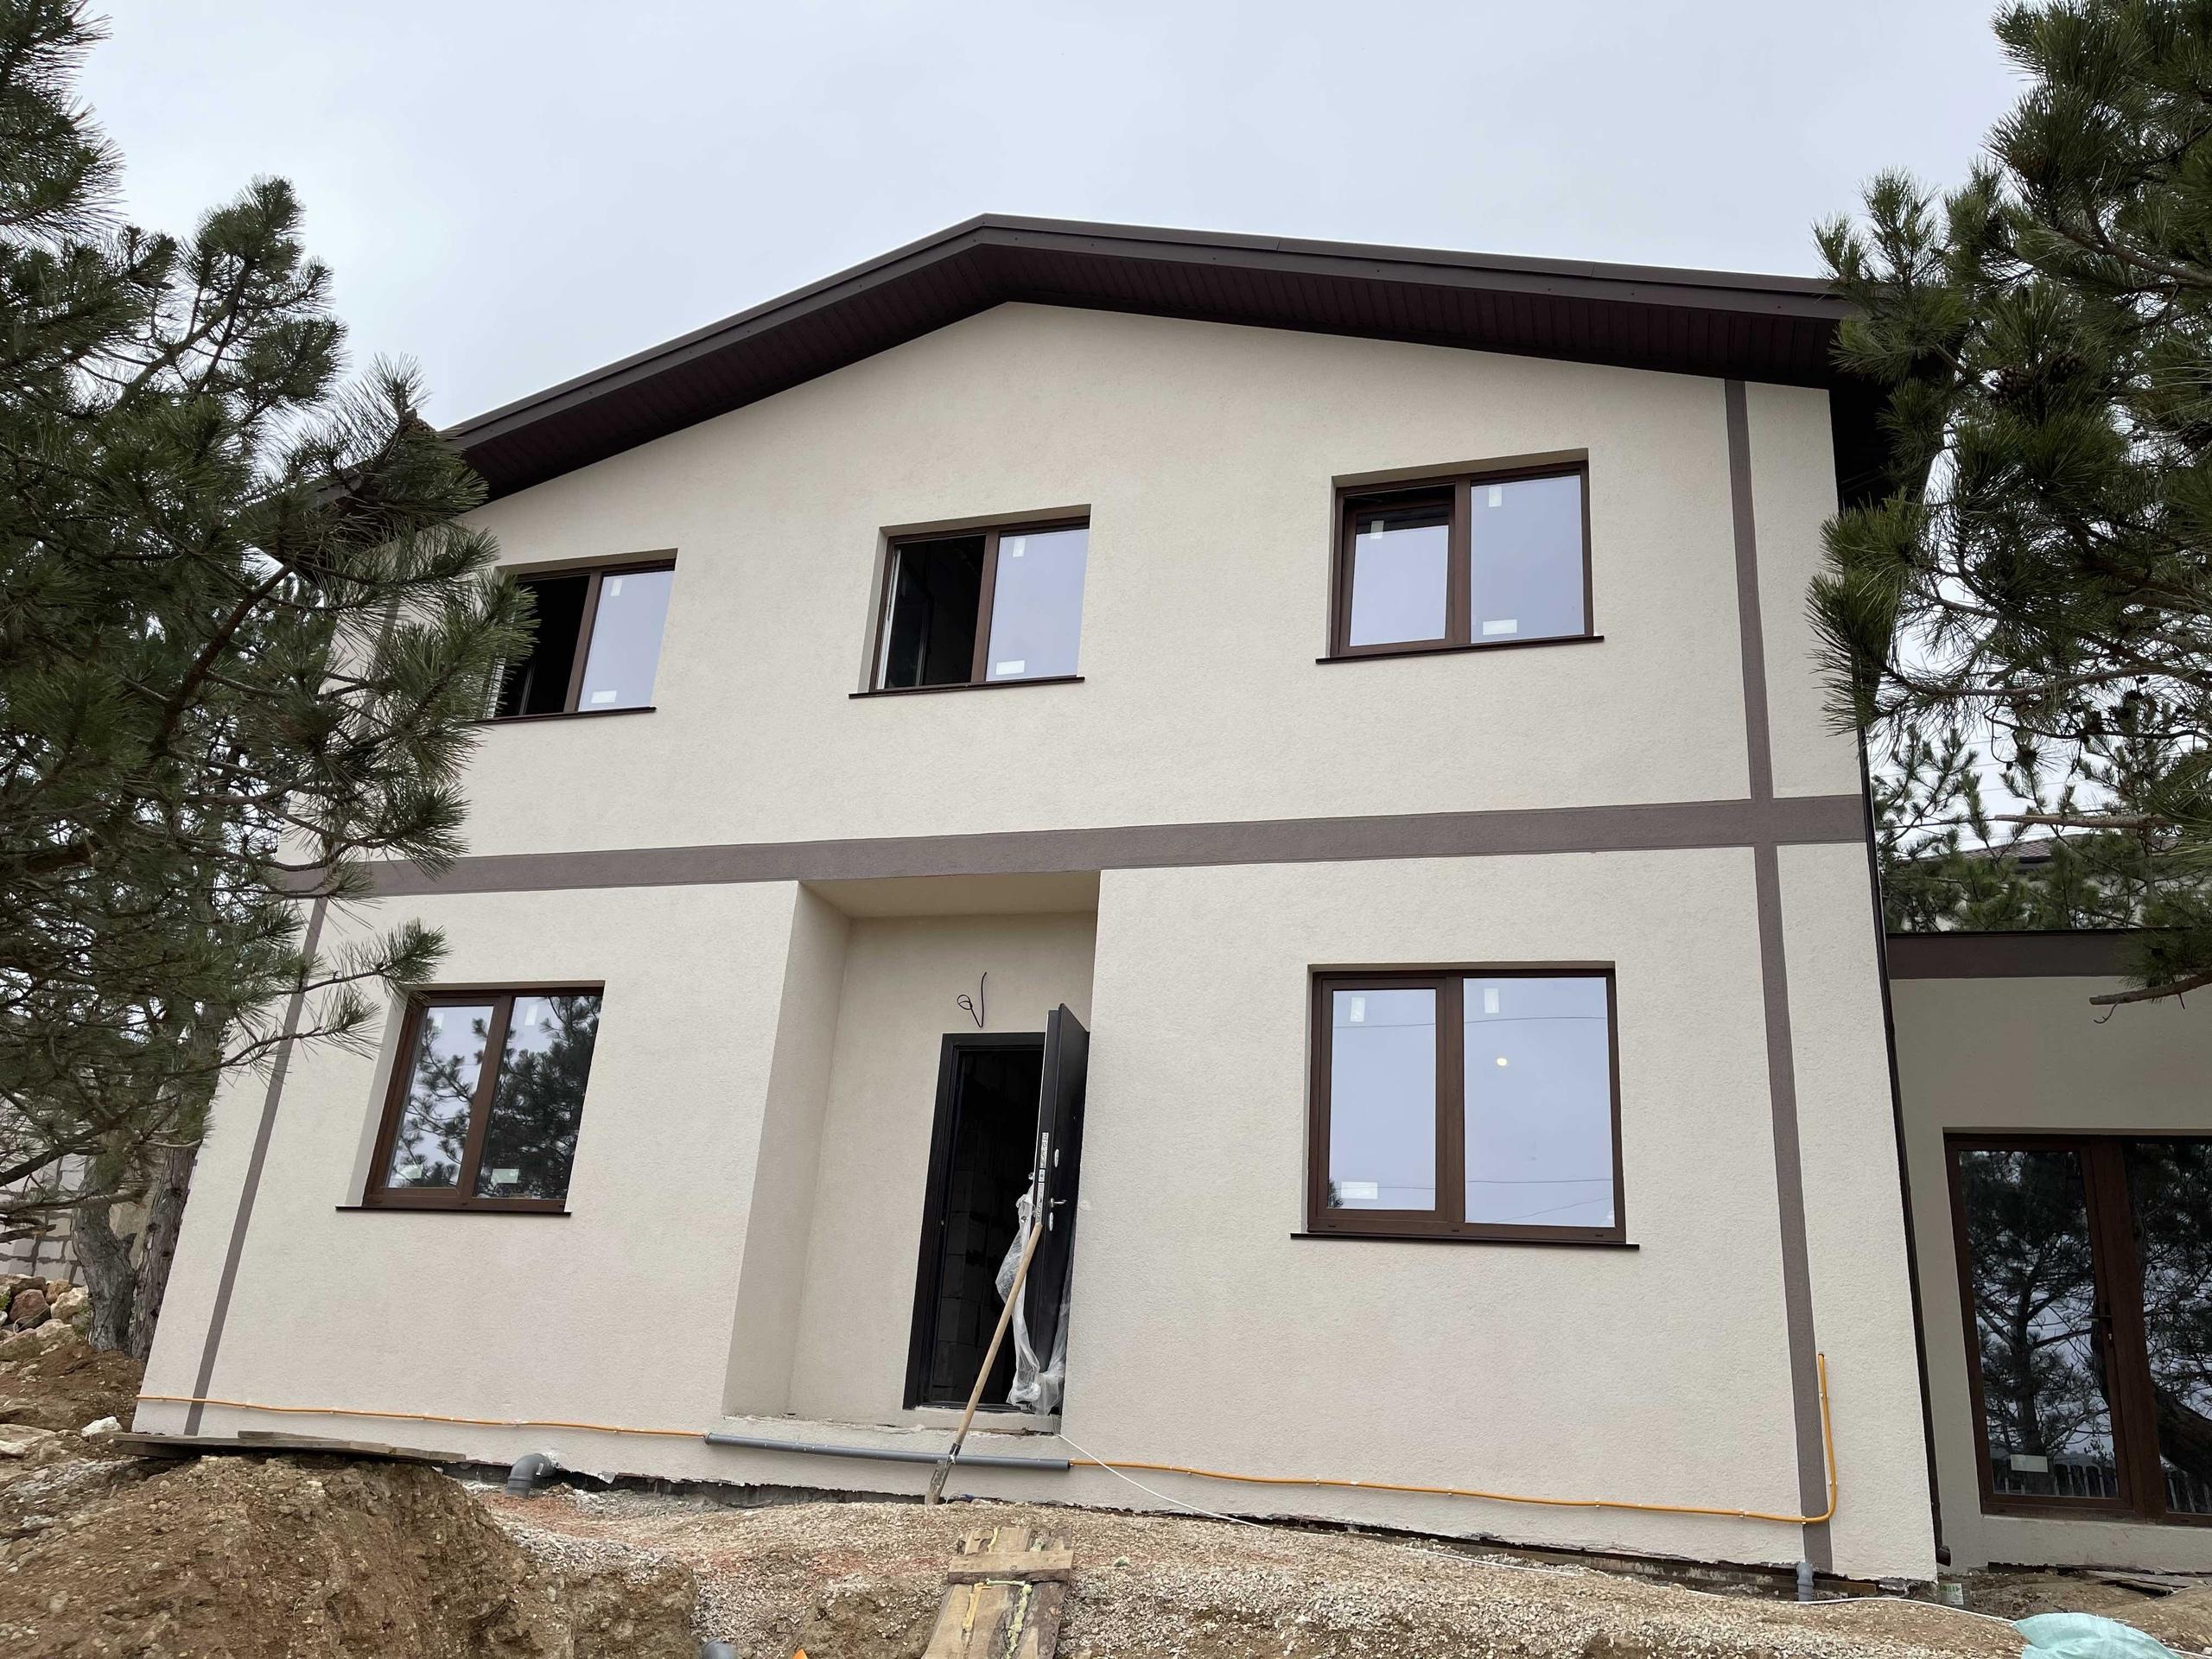 дом с фасадом купить в Севастополе